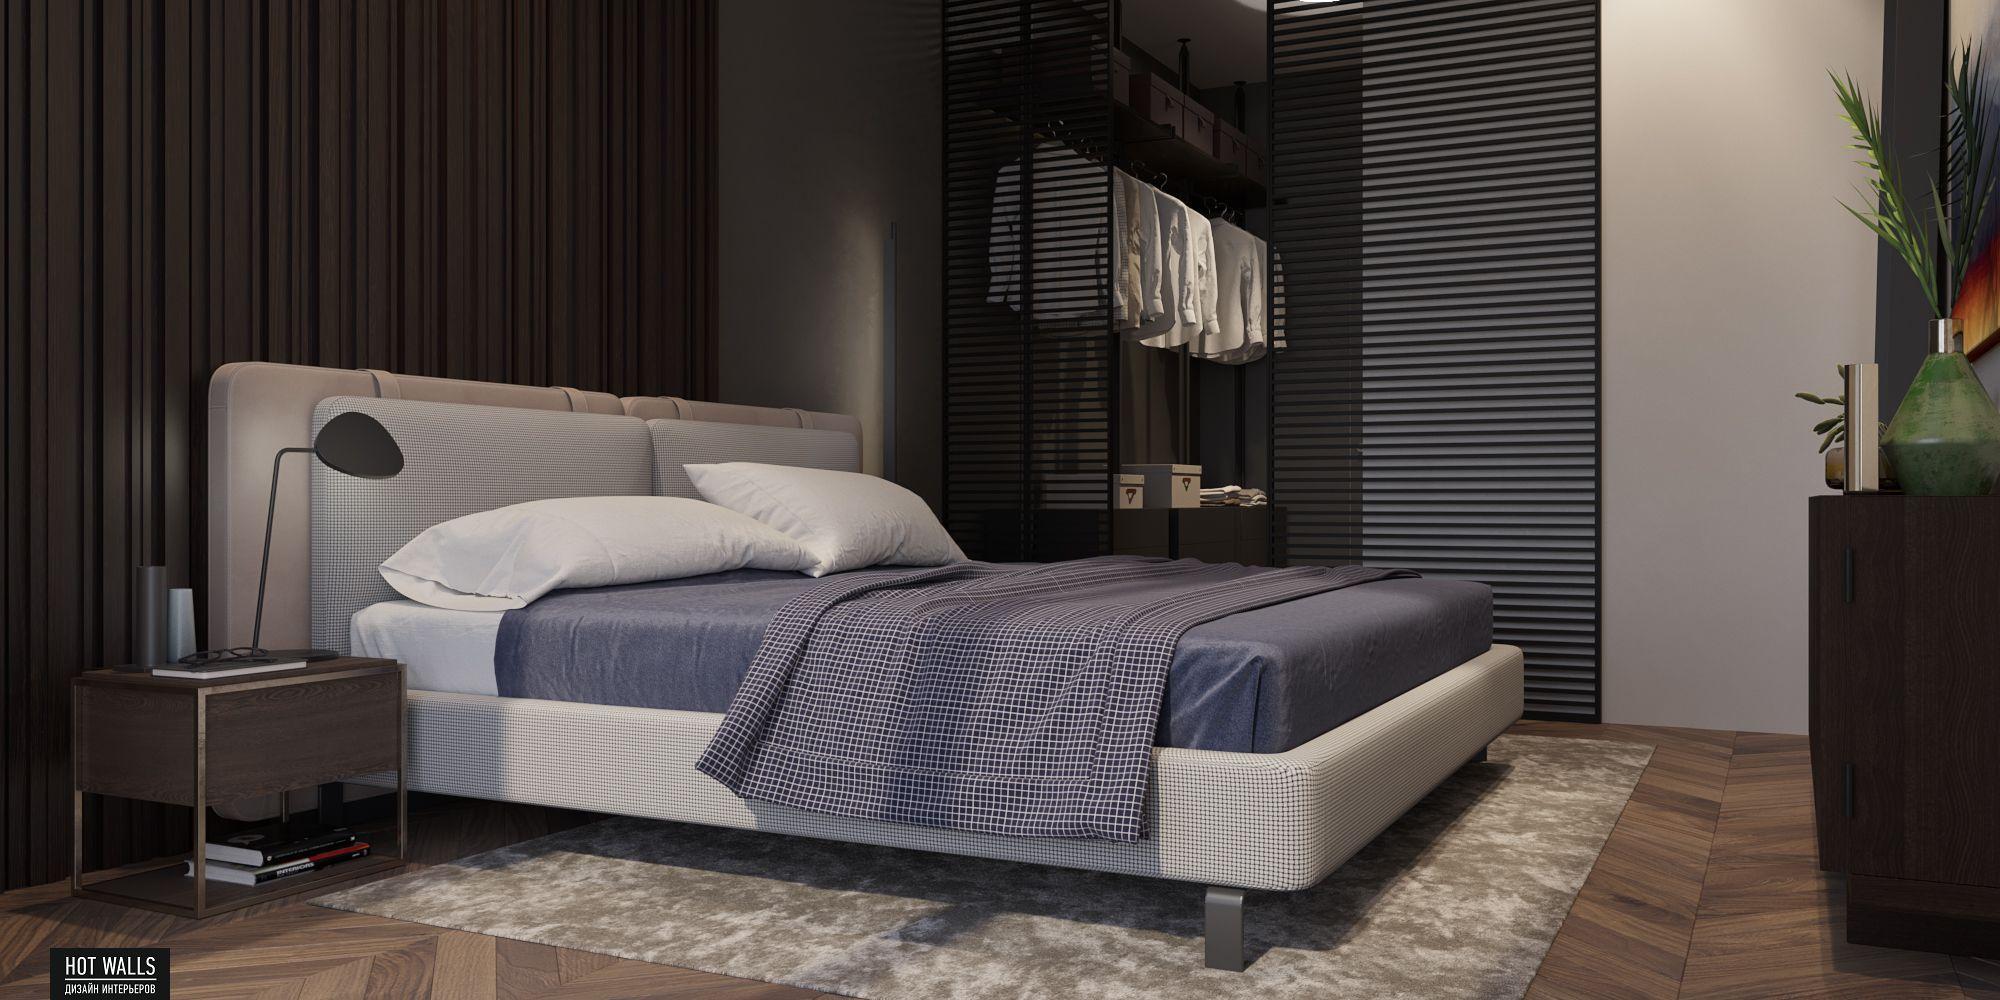 Bedroom_31.08.17